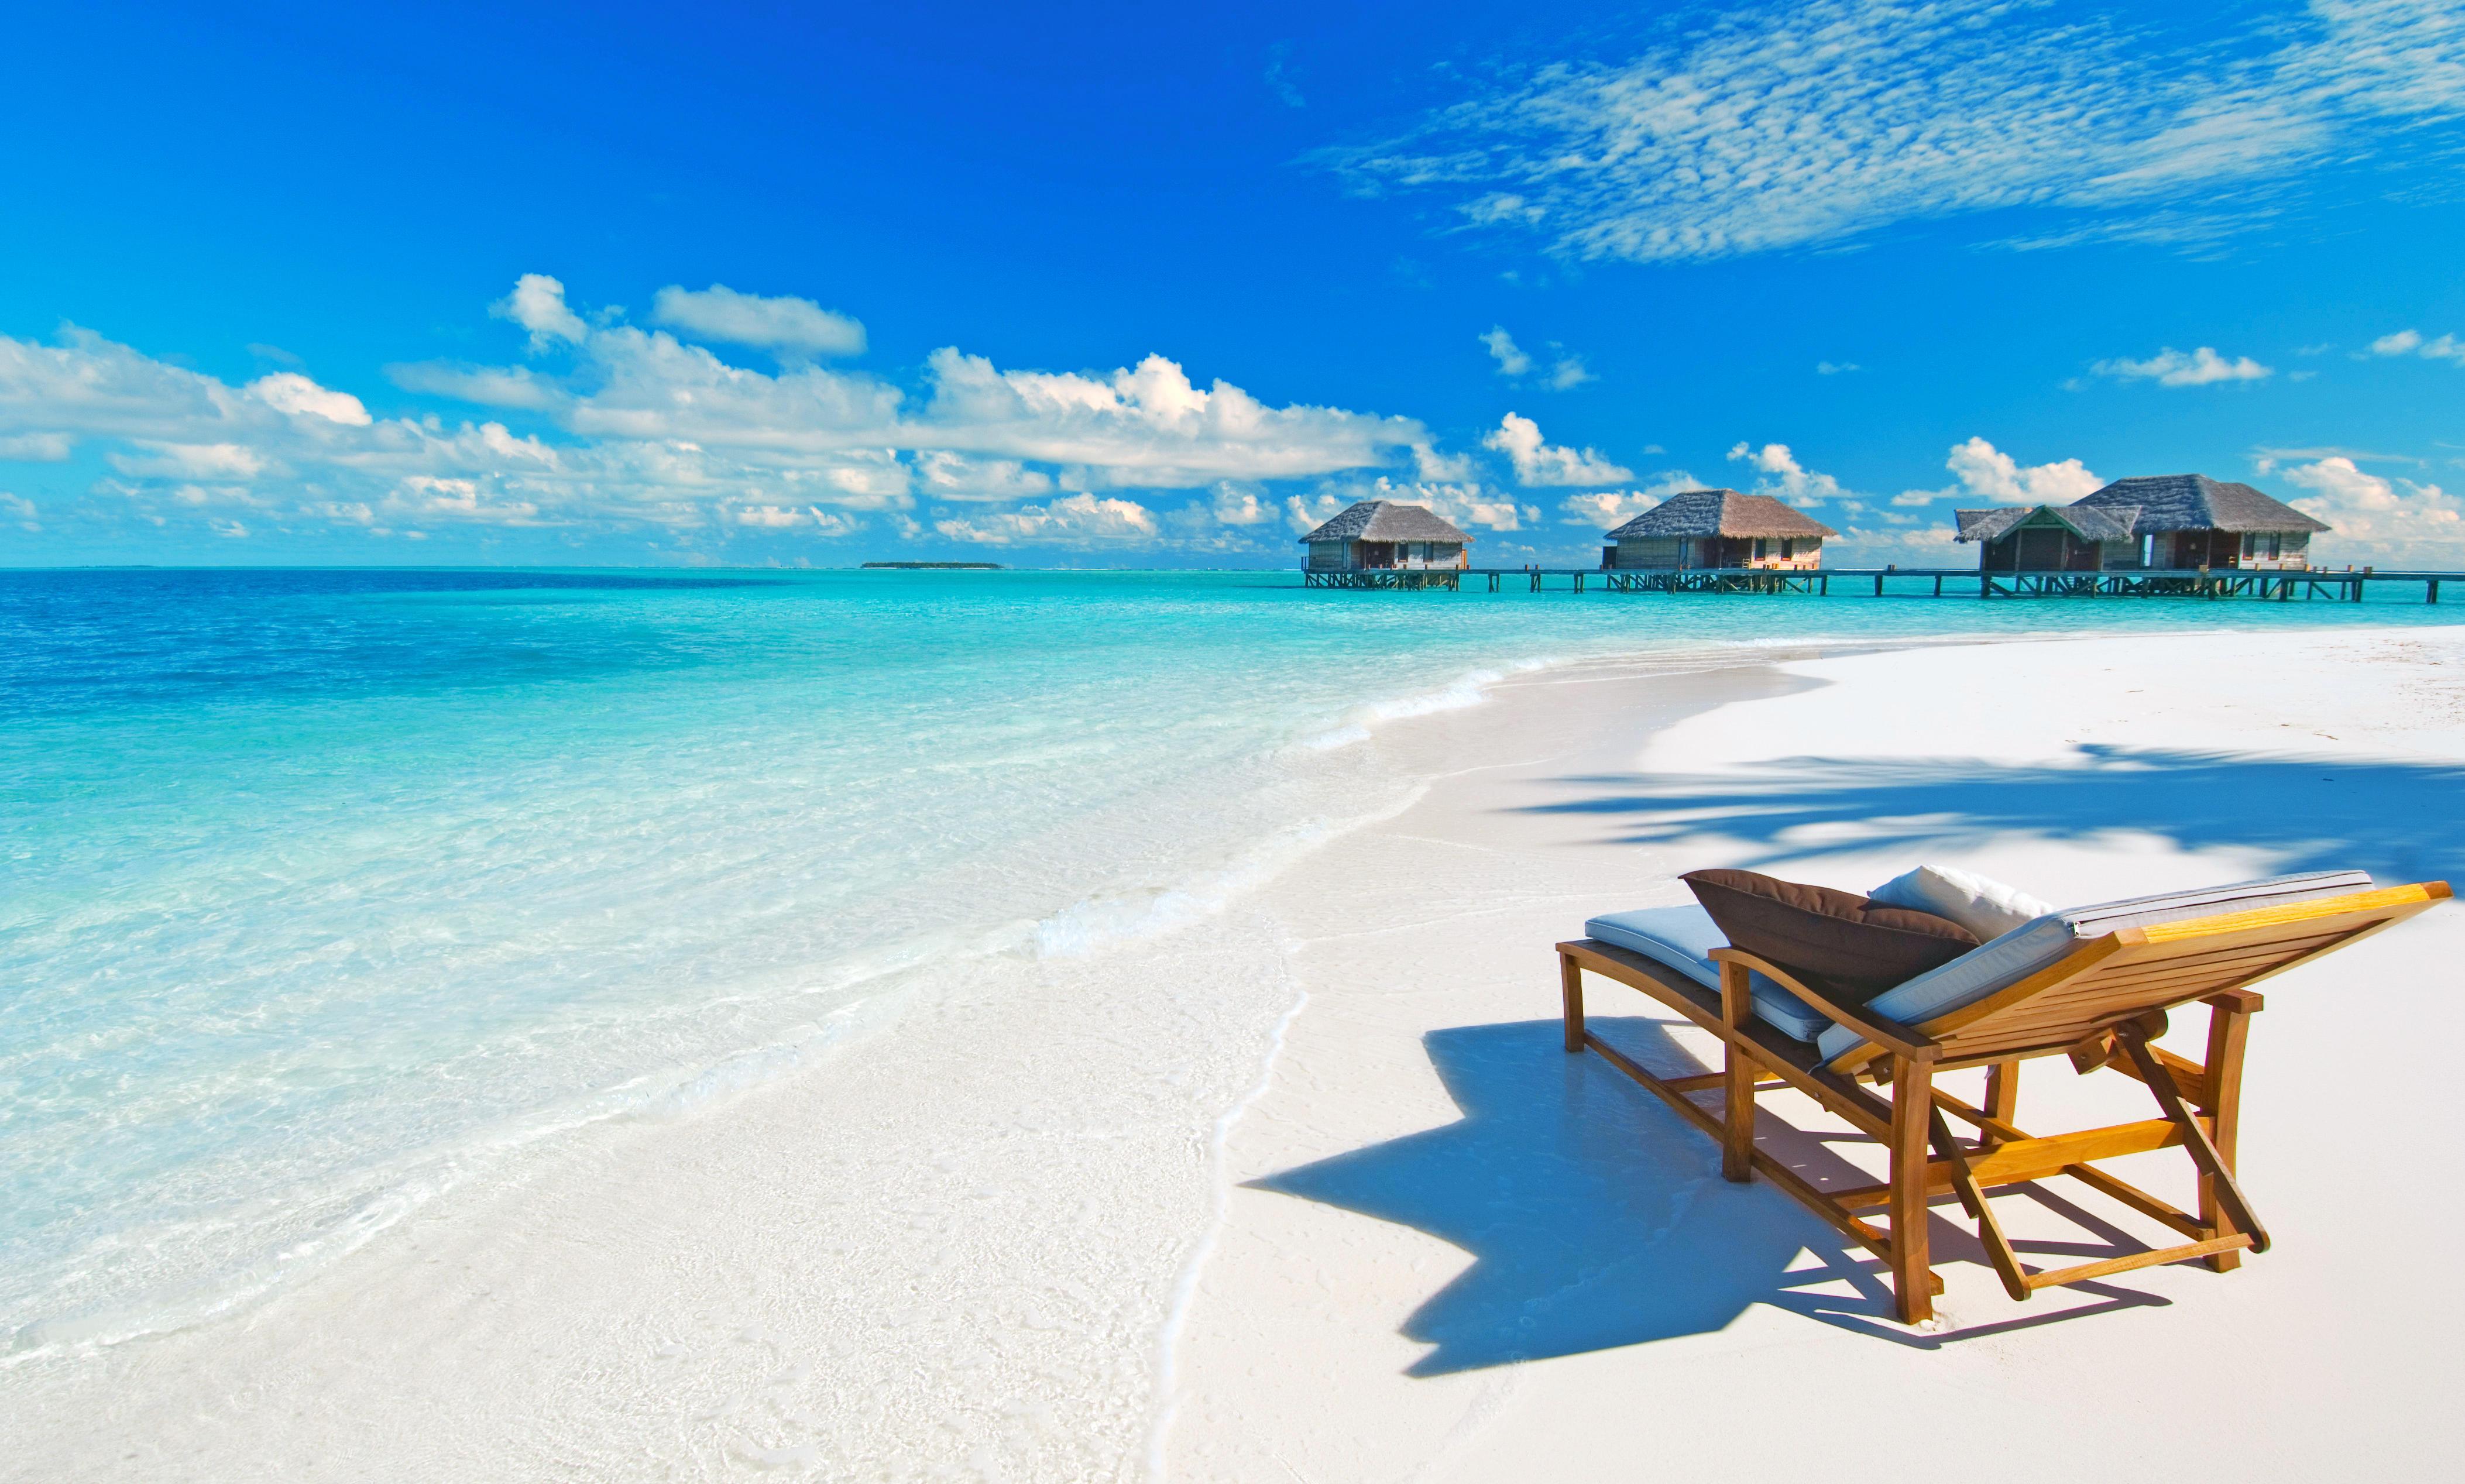 Фото отдых на пляже запихала